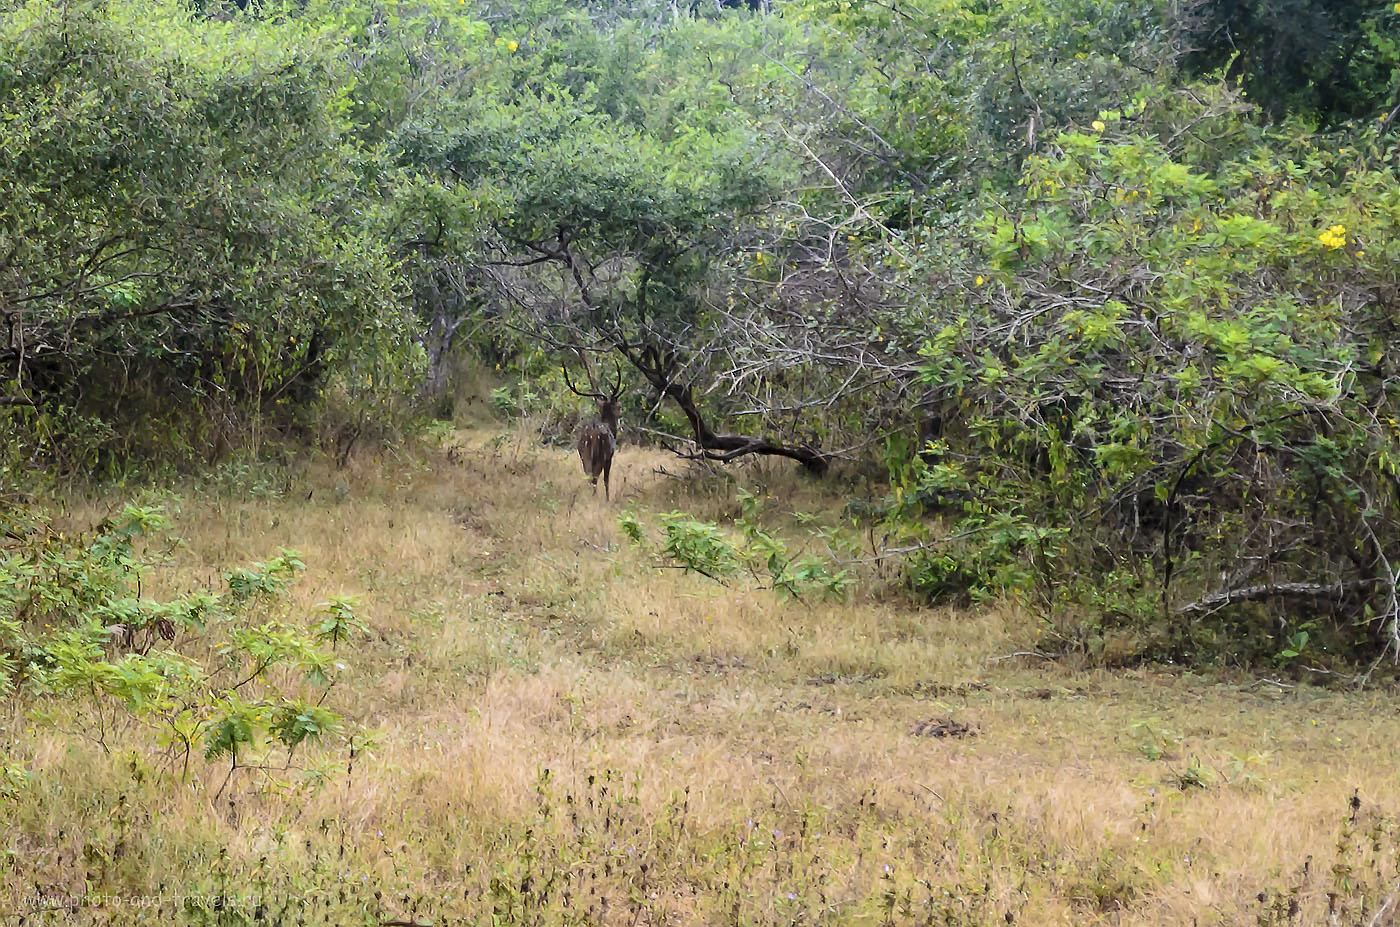 15. Фото. Олень в национальном парке Рухуна (Ruhuna National Park). Фотоохота на Nikon D5100 KIT 18-55. Настройки фотоаппарата: 640, 55, 8.0, 1/125.